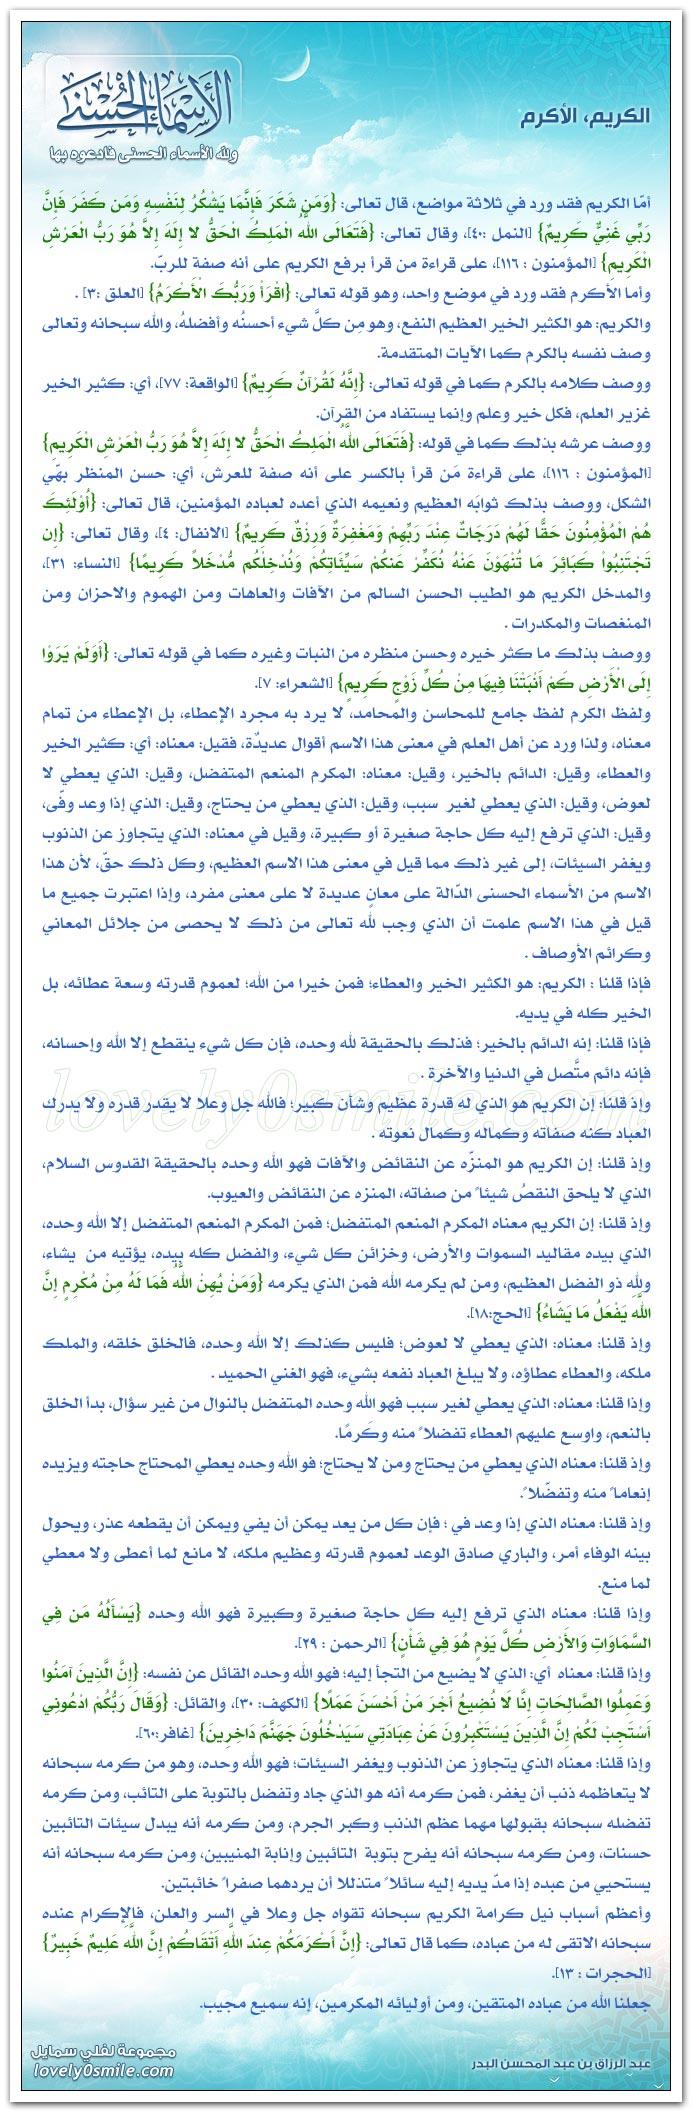 الكريم الأكرم Names-35.jpg